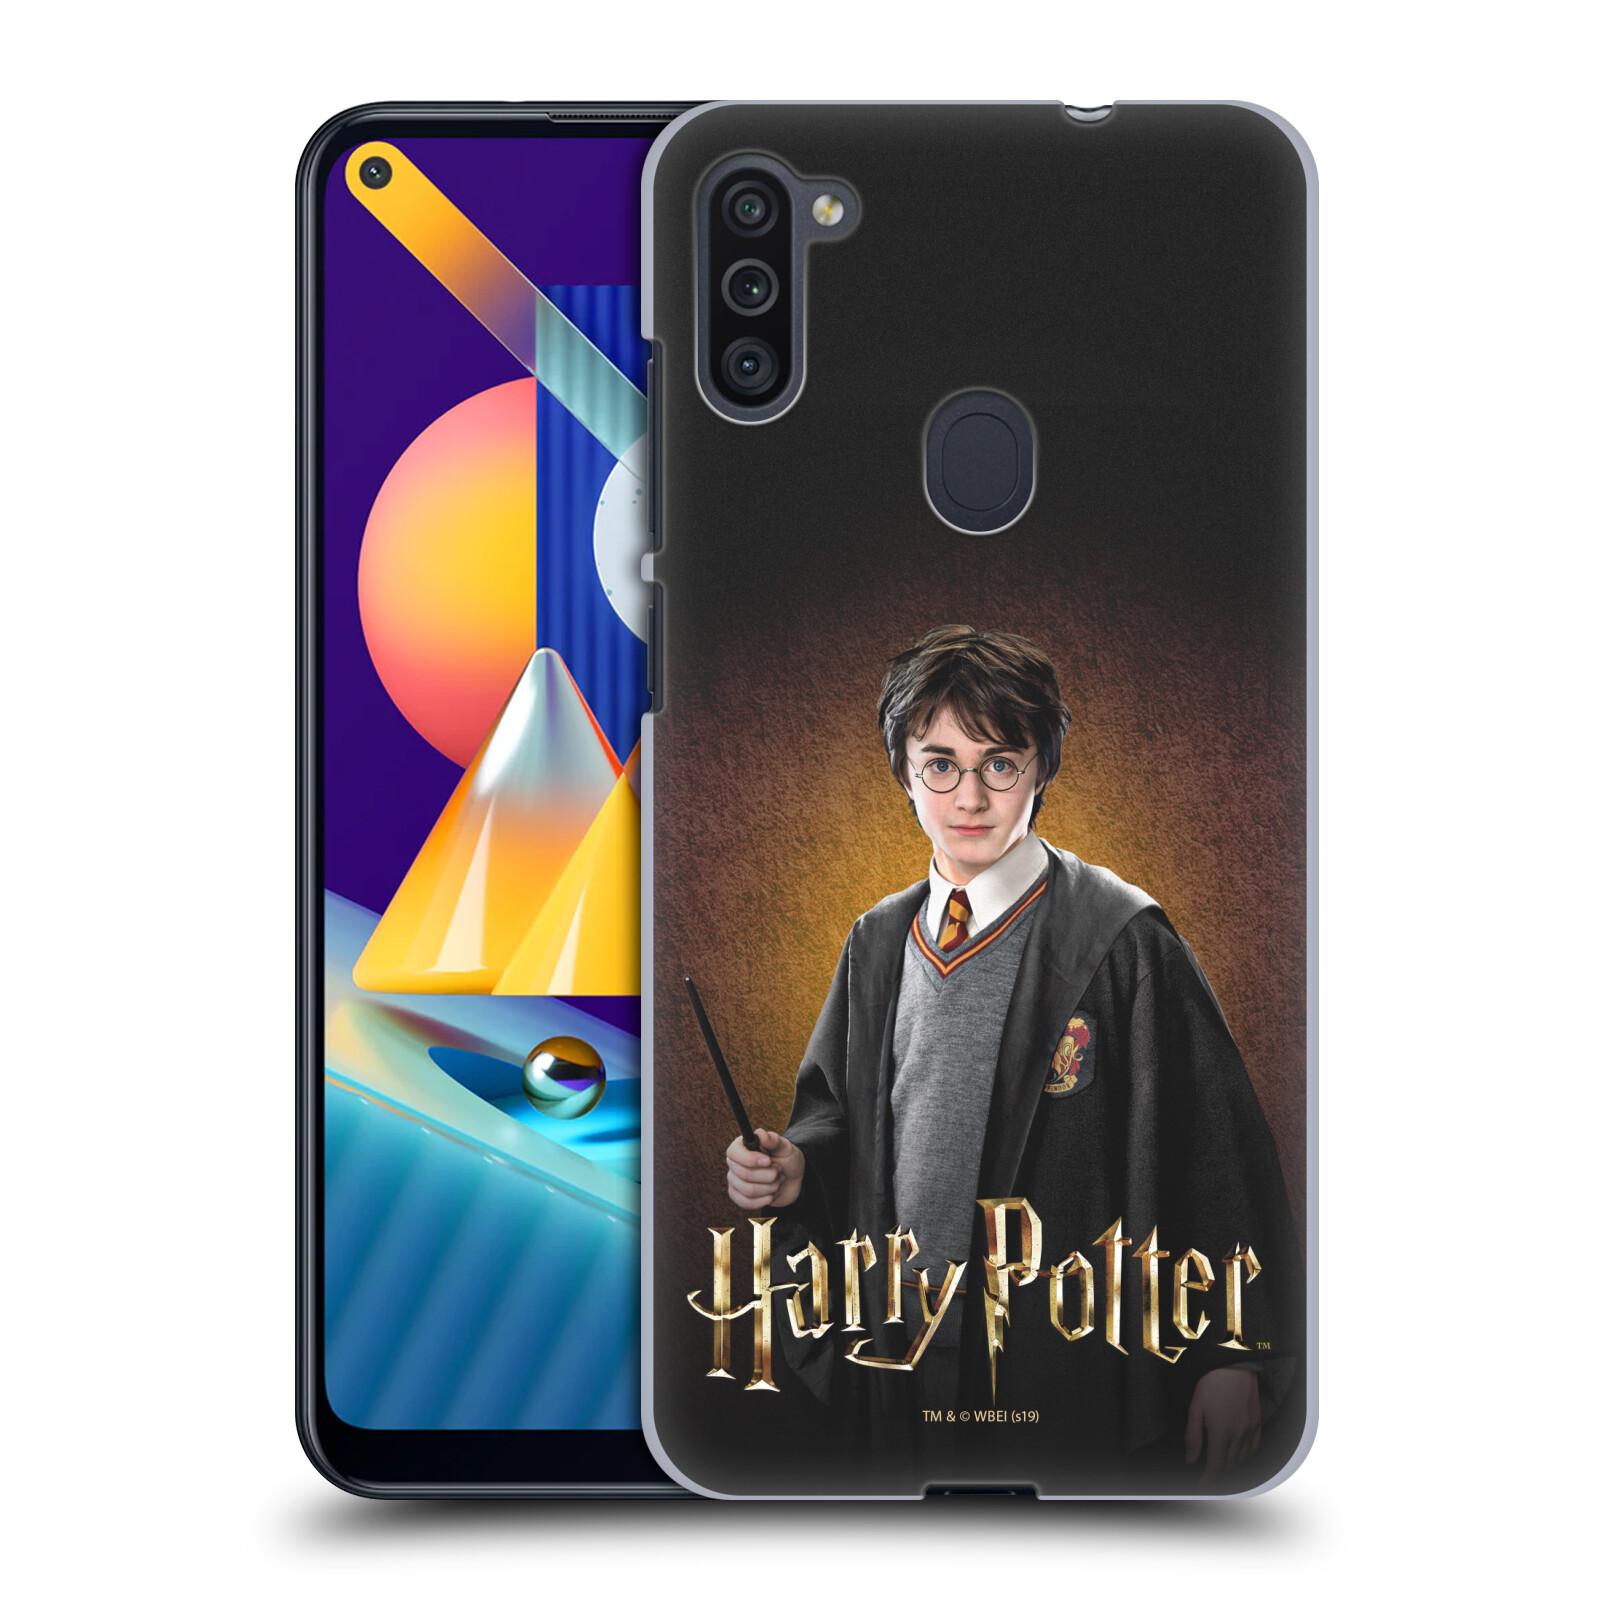 Plastové pouzdro na mobil Samsung Galaxy M11 - Harry Potter - Malý Harry Potter